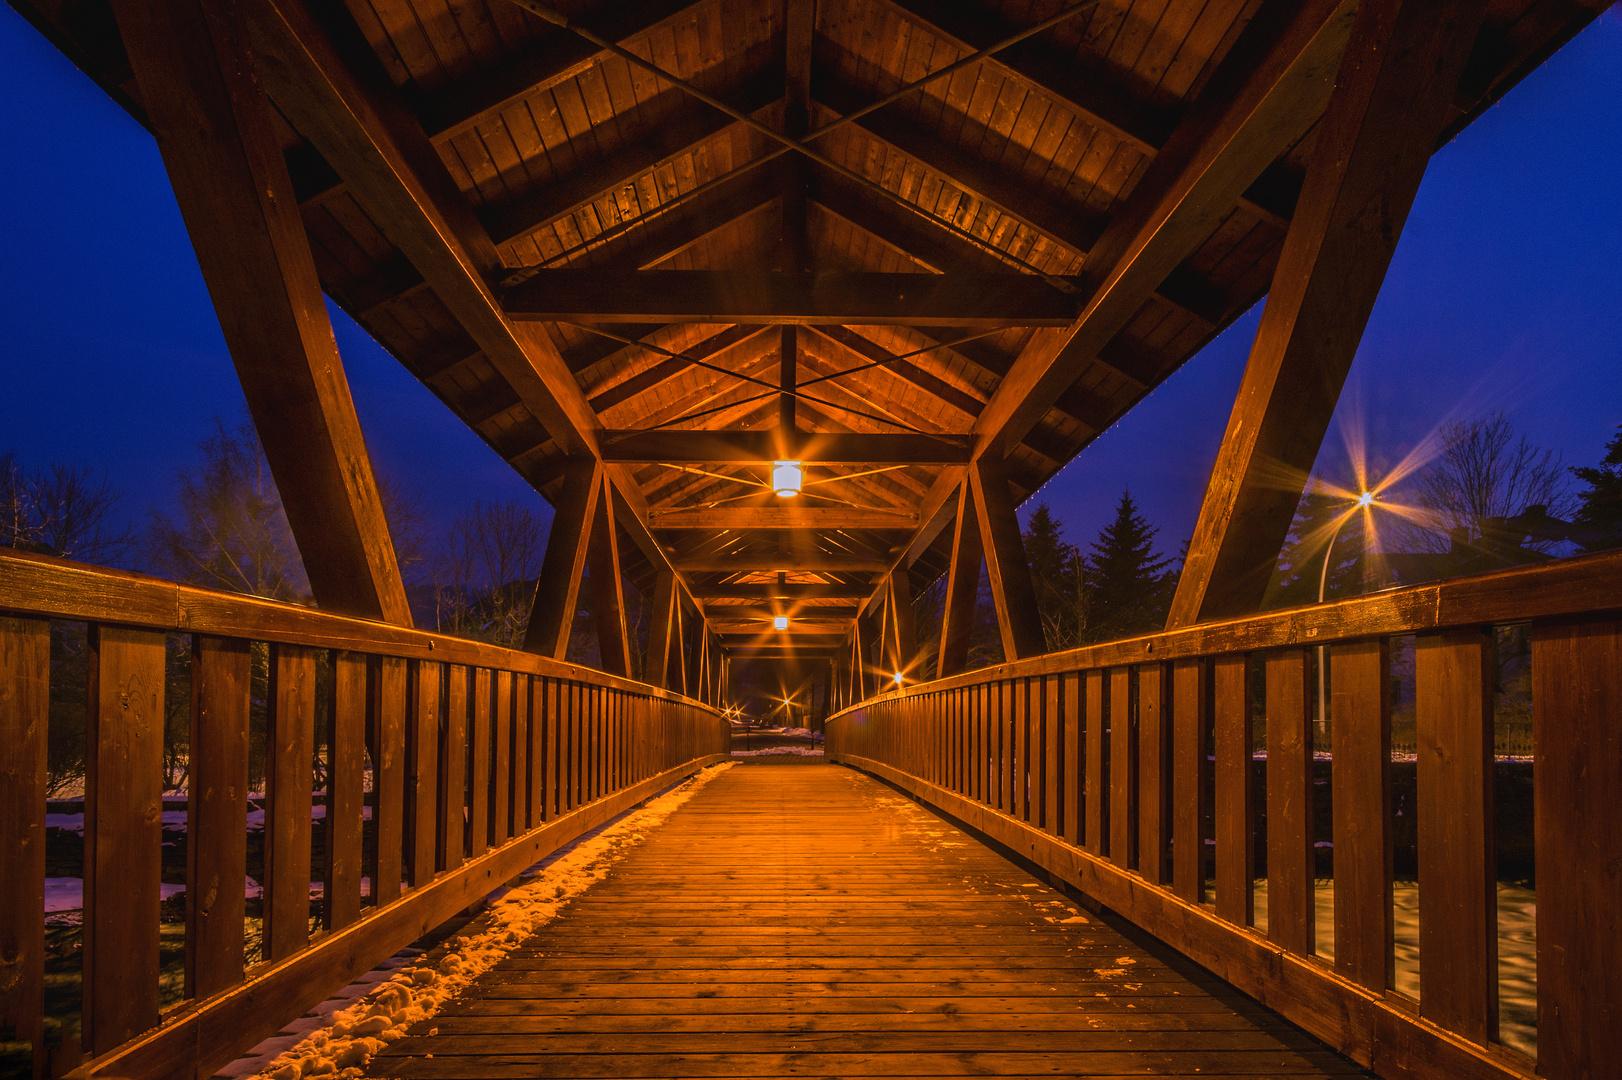 Lindenbrücke